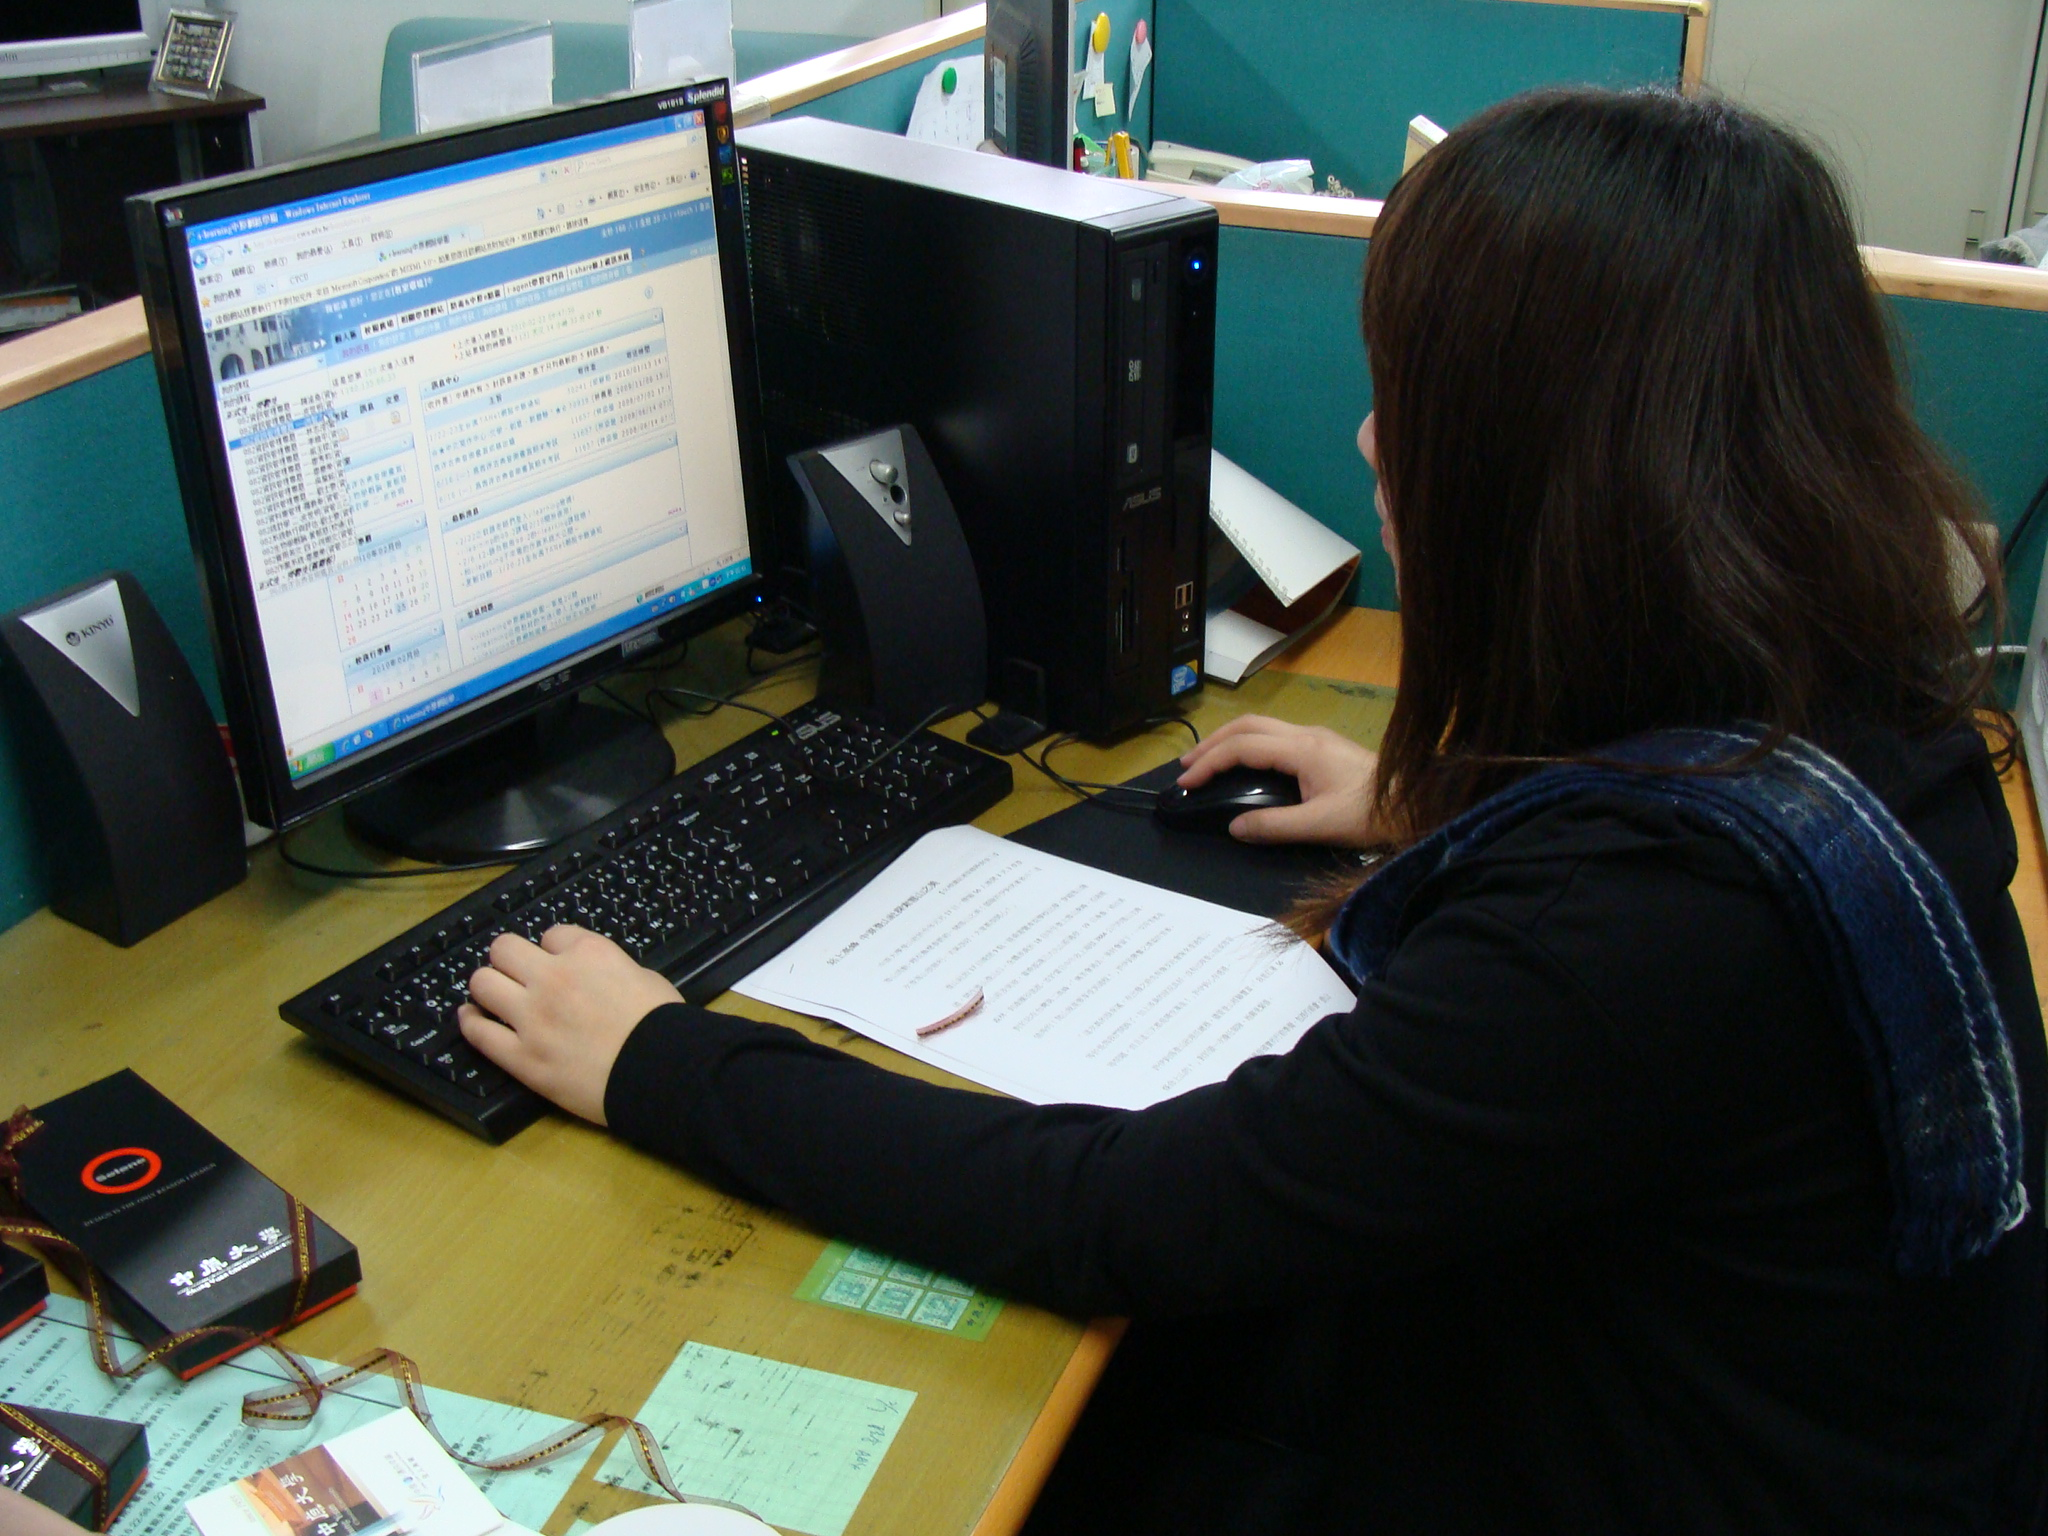 中原大學網路學園 讓新鮮人提早體驗大學與學習課程